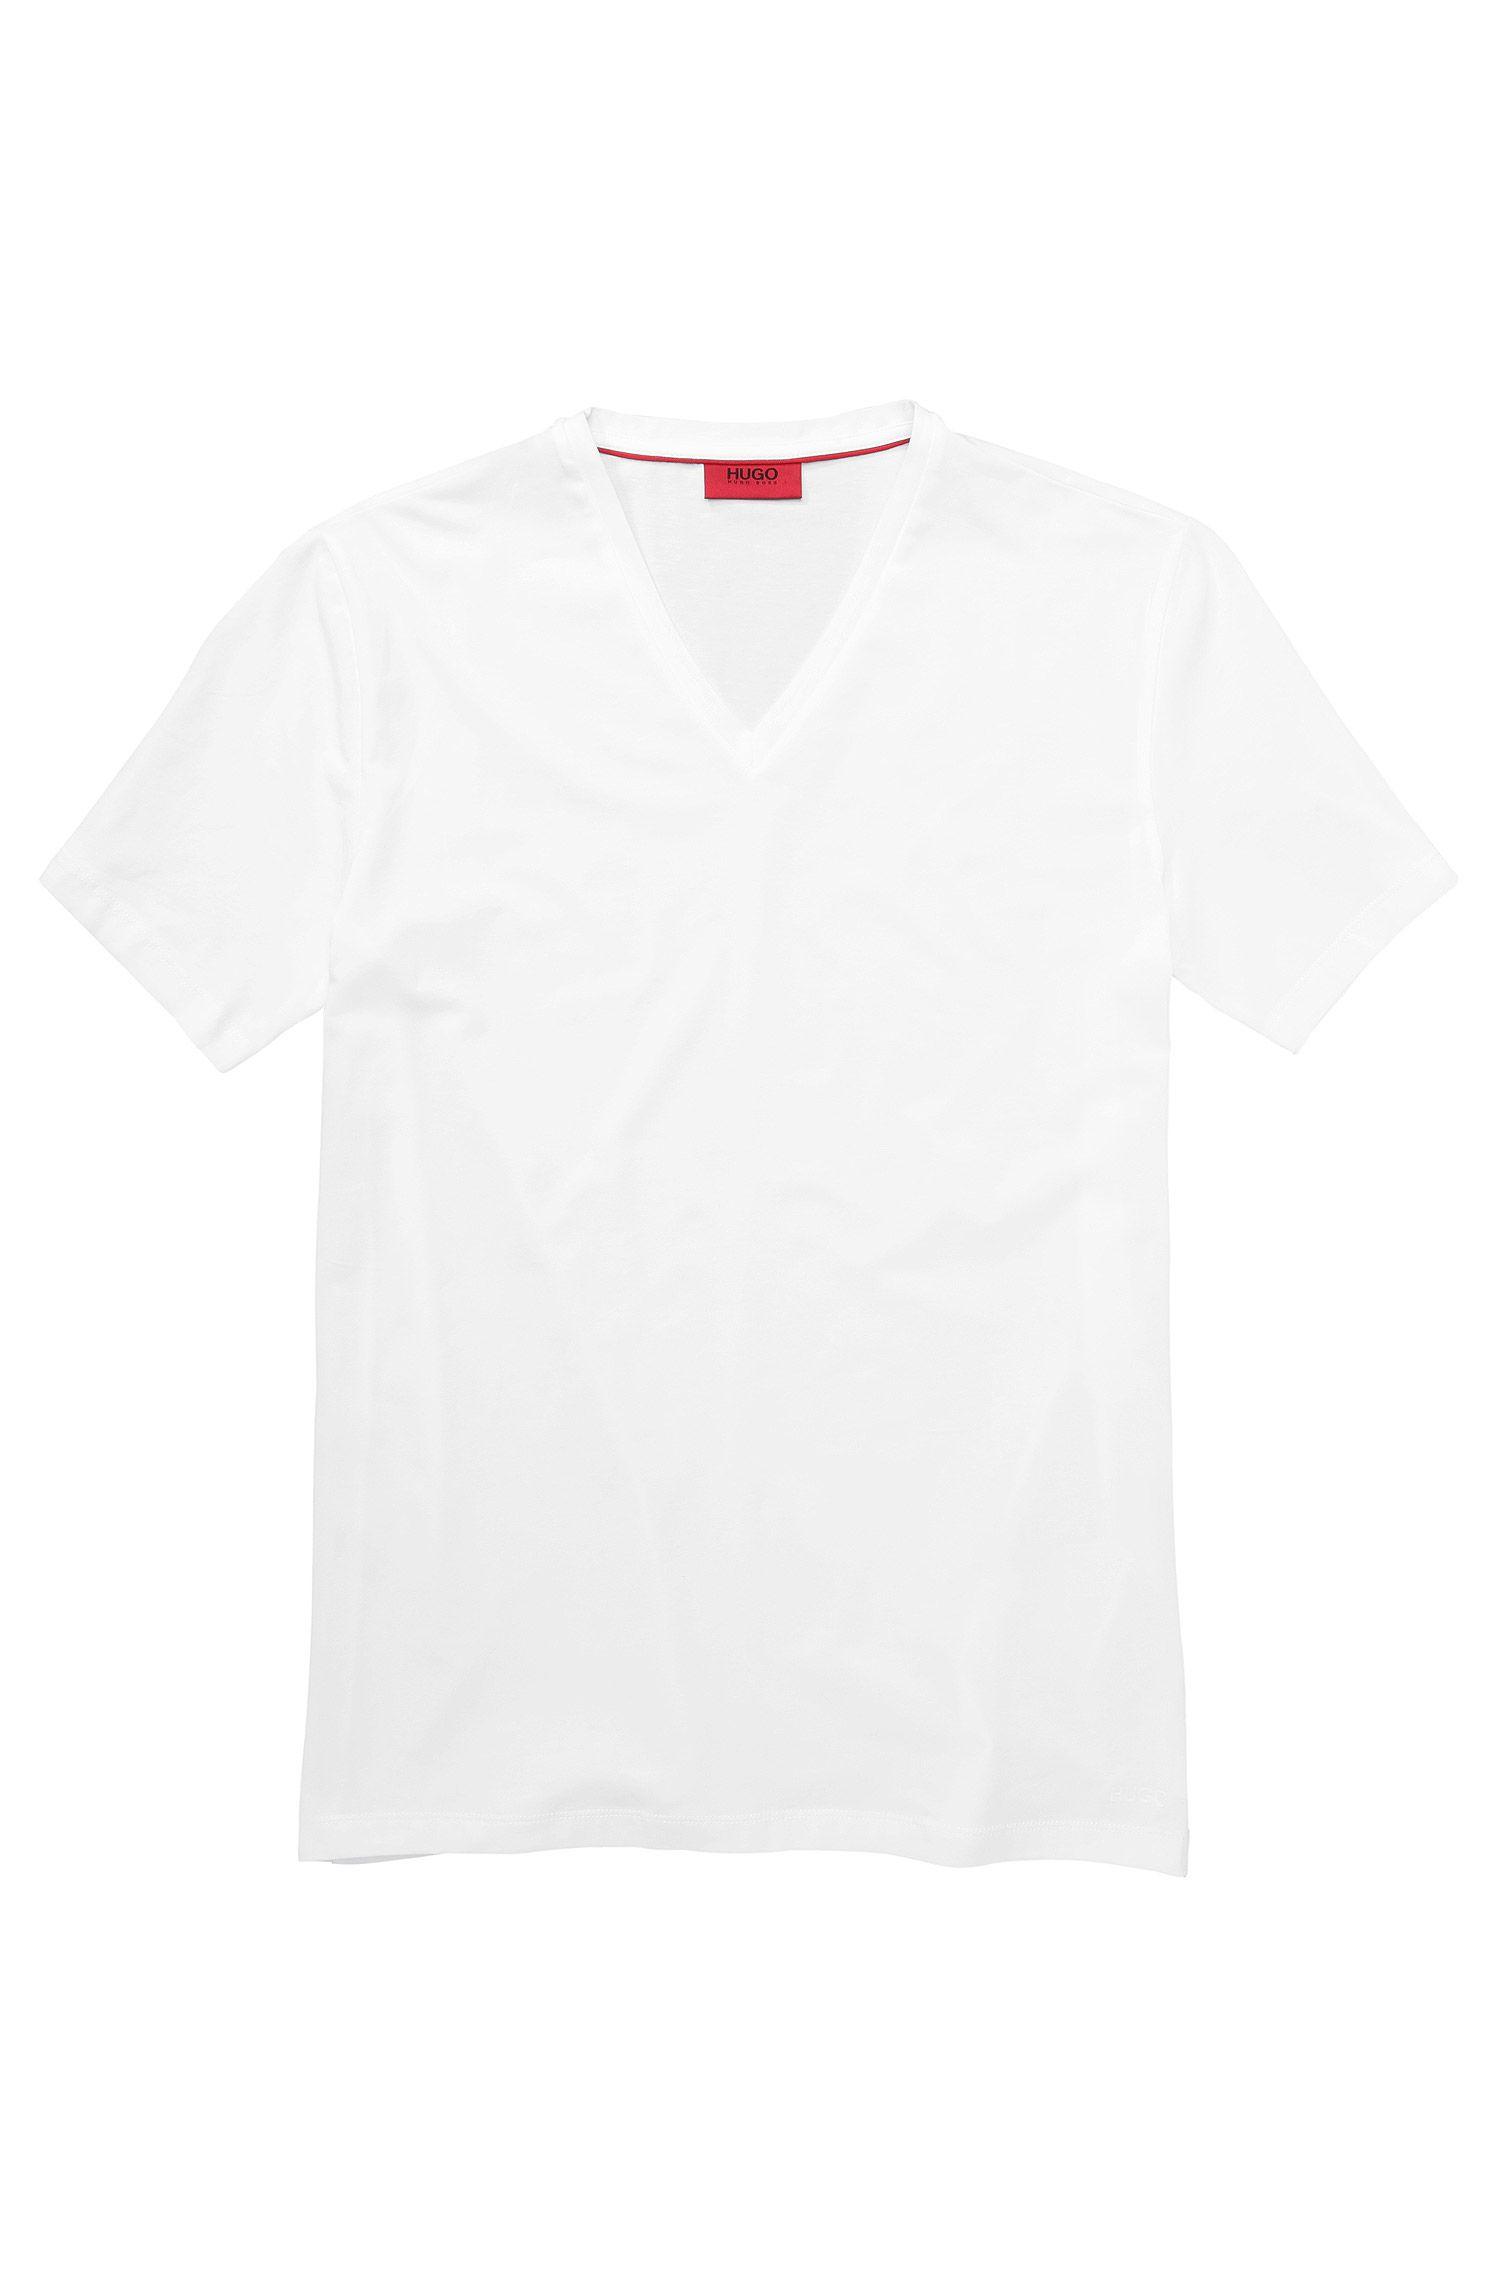 'Dredosos' | Stretch Cotton V-Neck T-Shirt